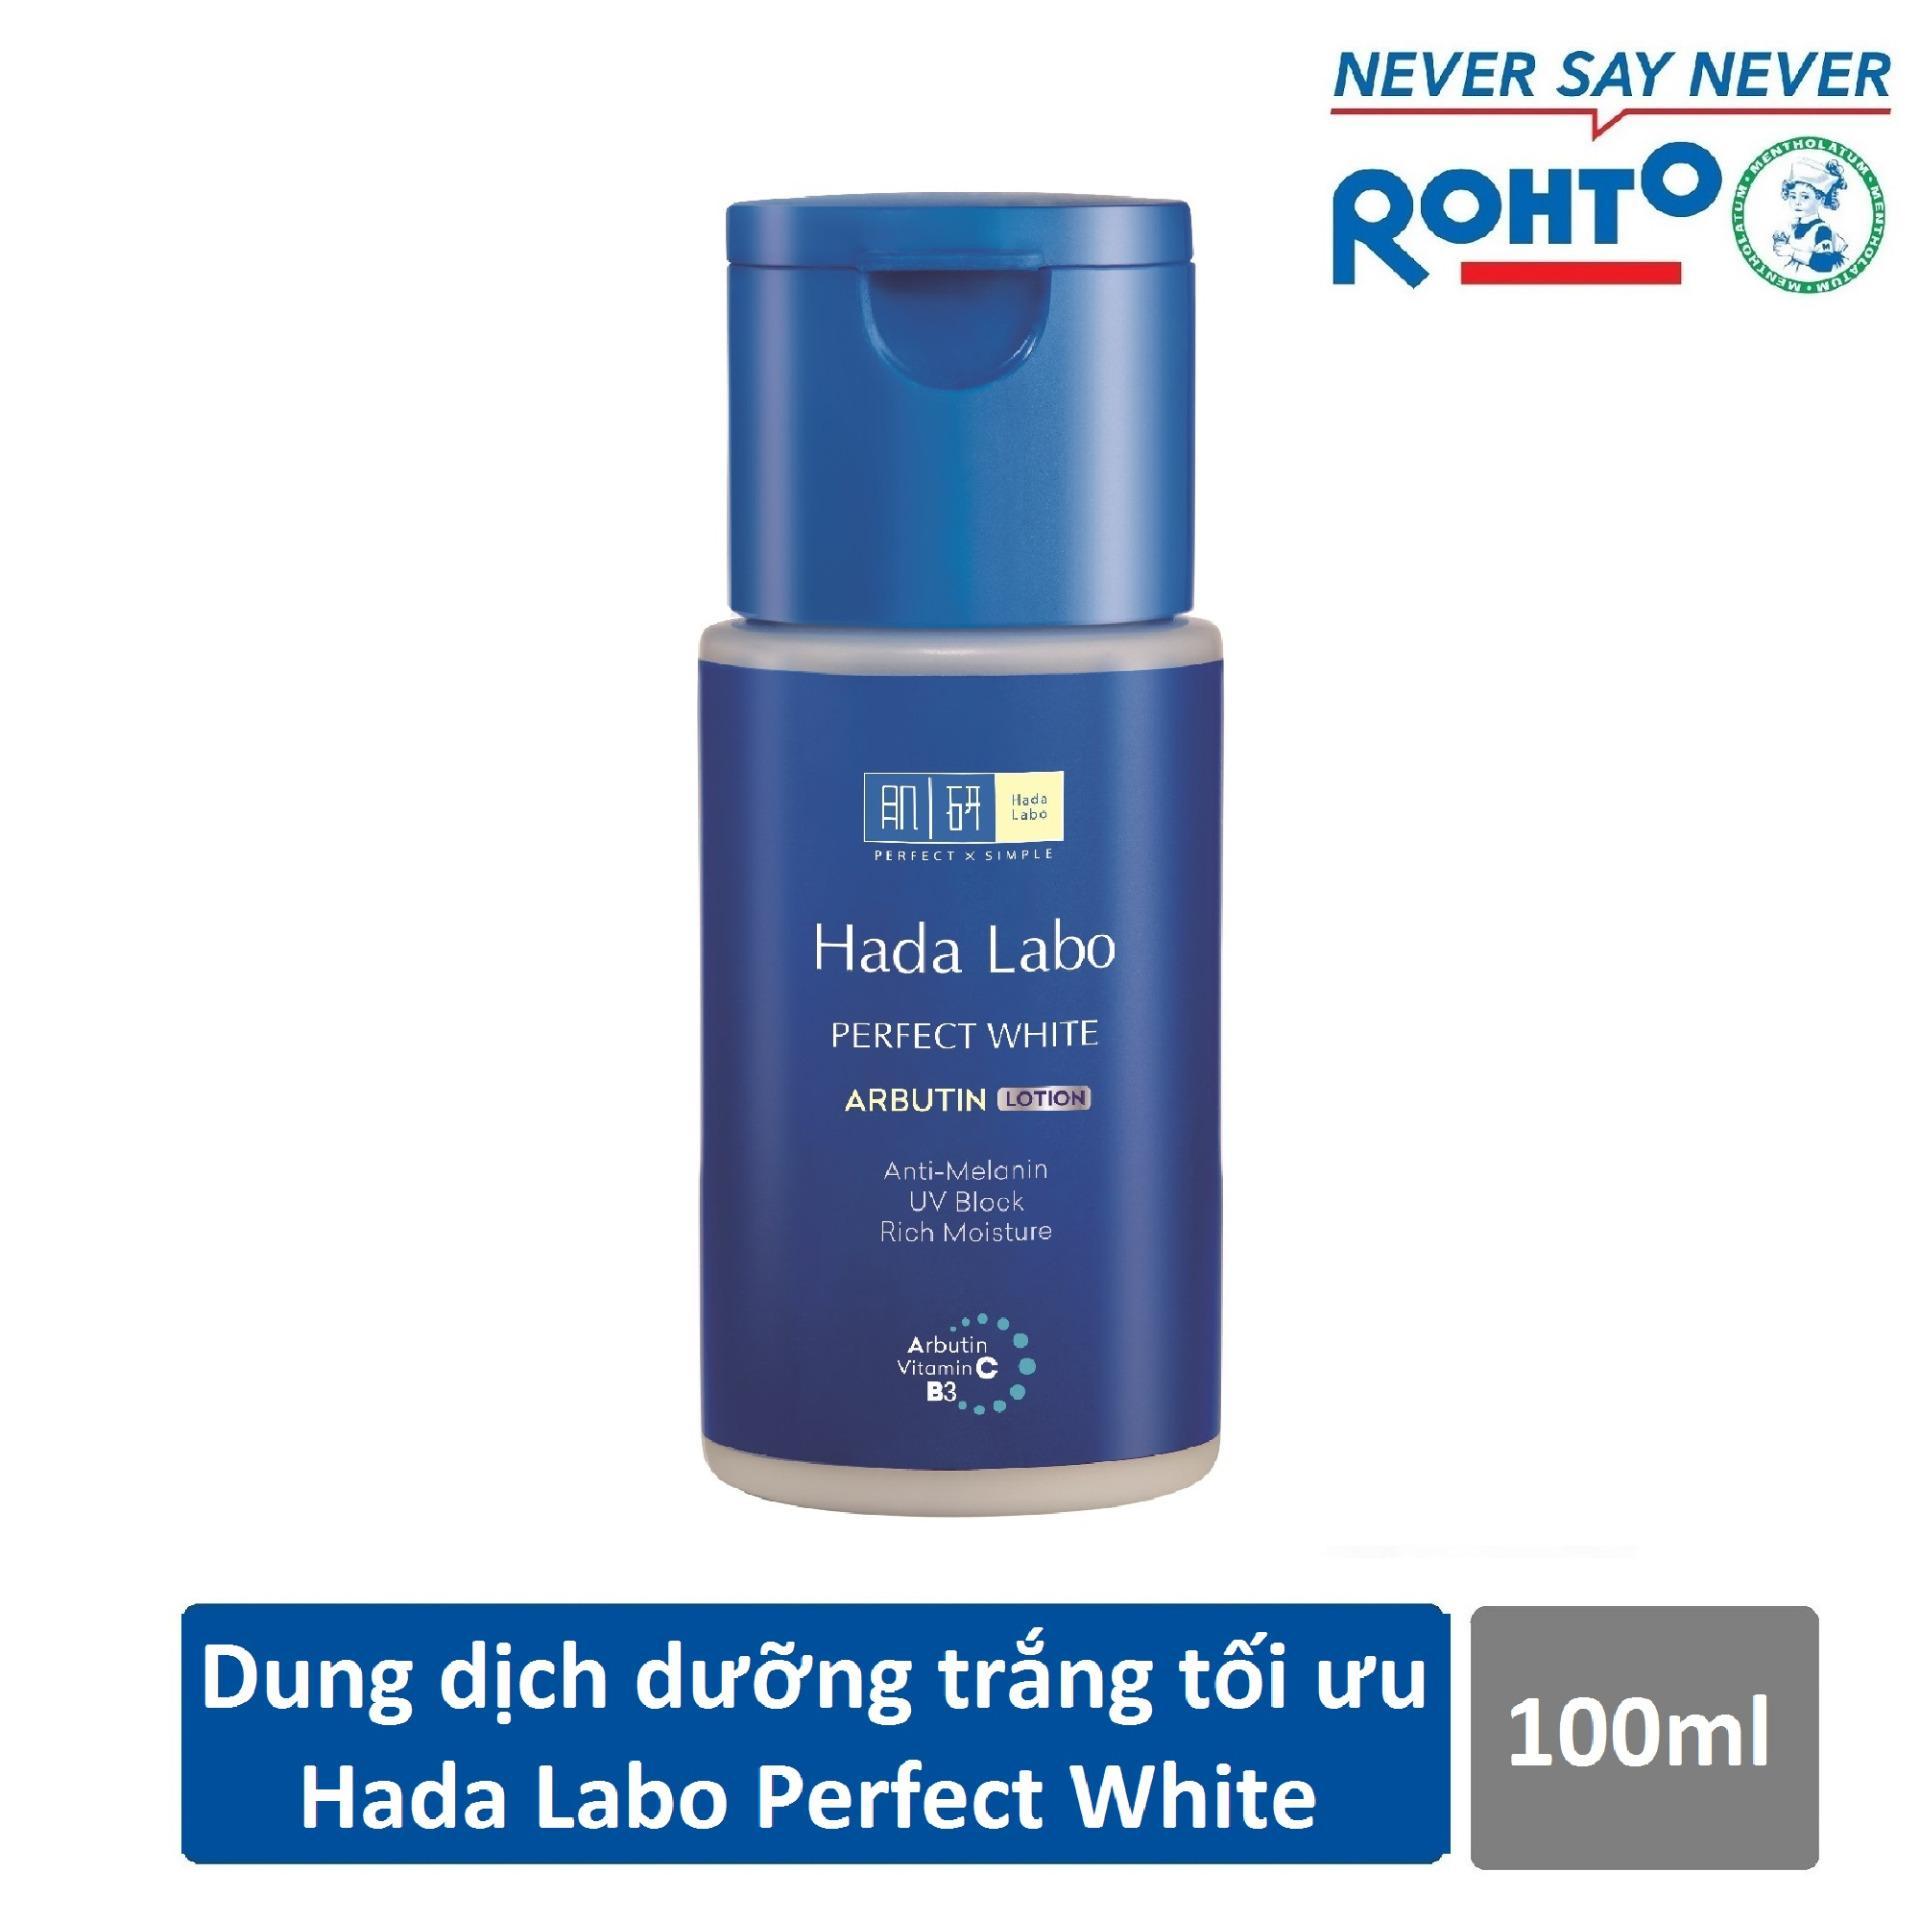 Giá Bán Dung Dịch Dưỡng Trắng Da Tối Ưu Hada Labo Perfect White Lotion 100Ml Hada Labo Tốt Nhất